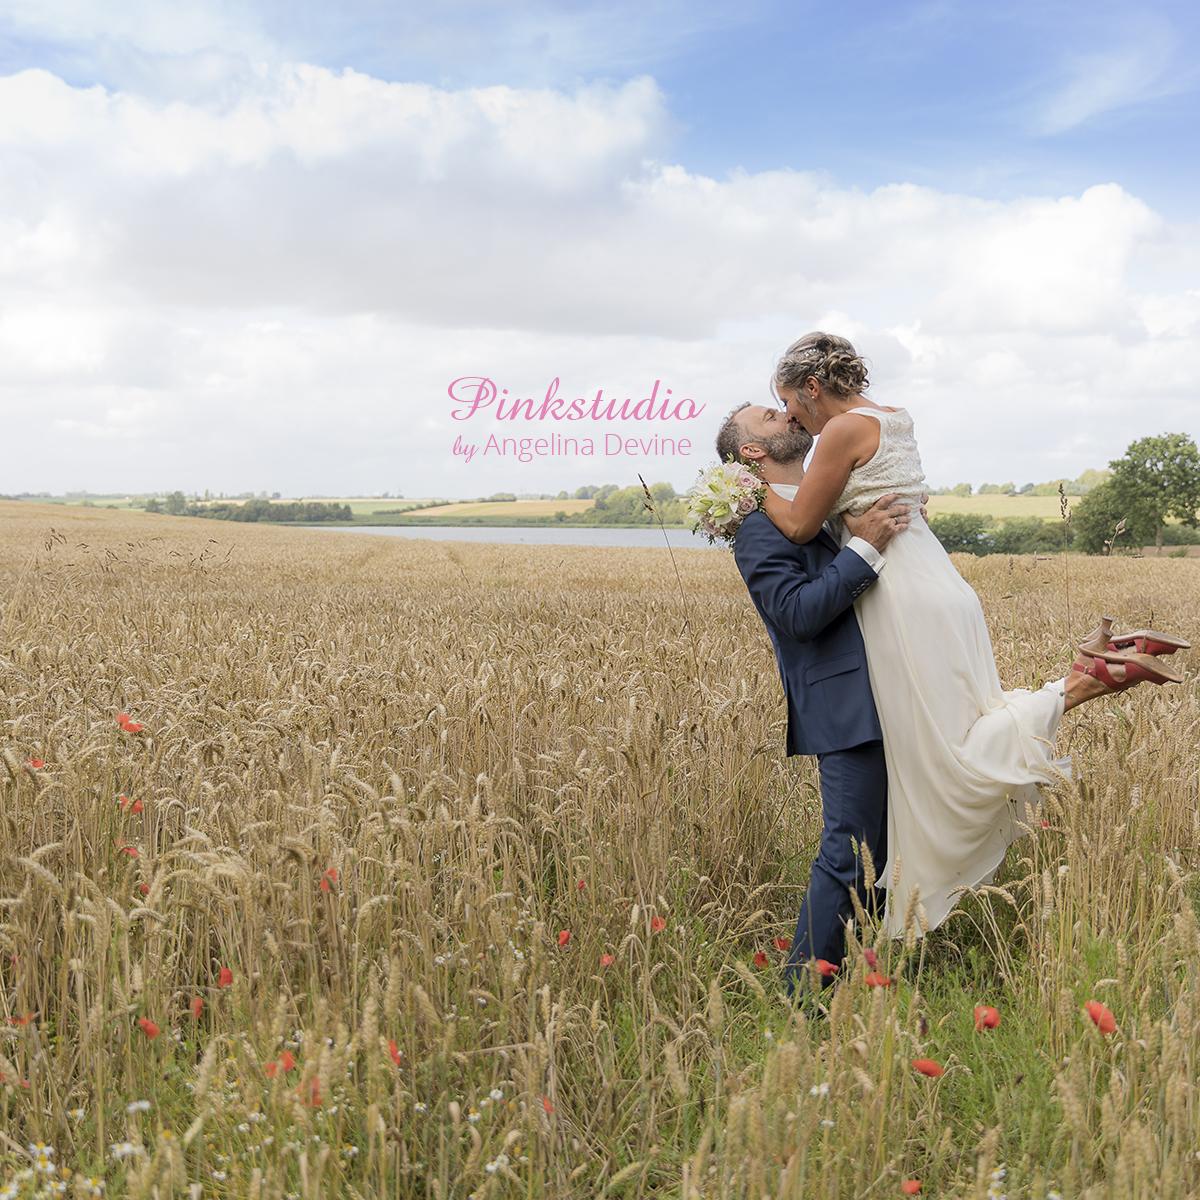 Pinkstudio by Angelina Devine Rikke-og-Mikkel-735 Planlæg det perfekte bryllup - del 1 Bryllup Nyheder Tips og Tricks